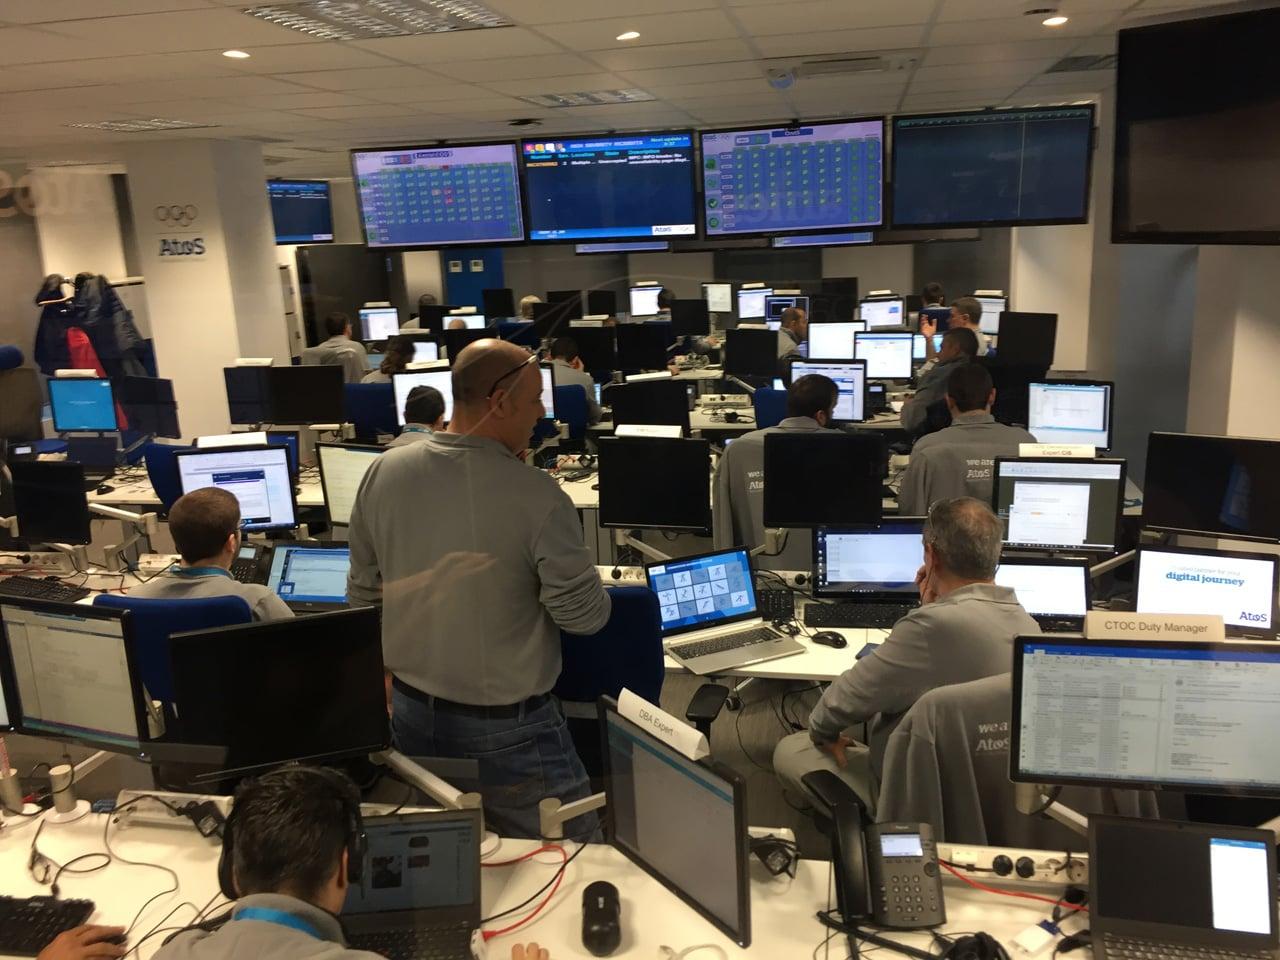 Vzdálené IT operační centrum v Barceloně pro olympijské hry